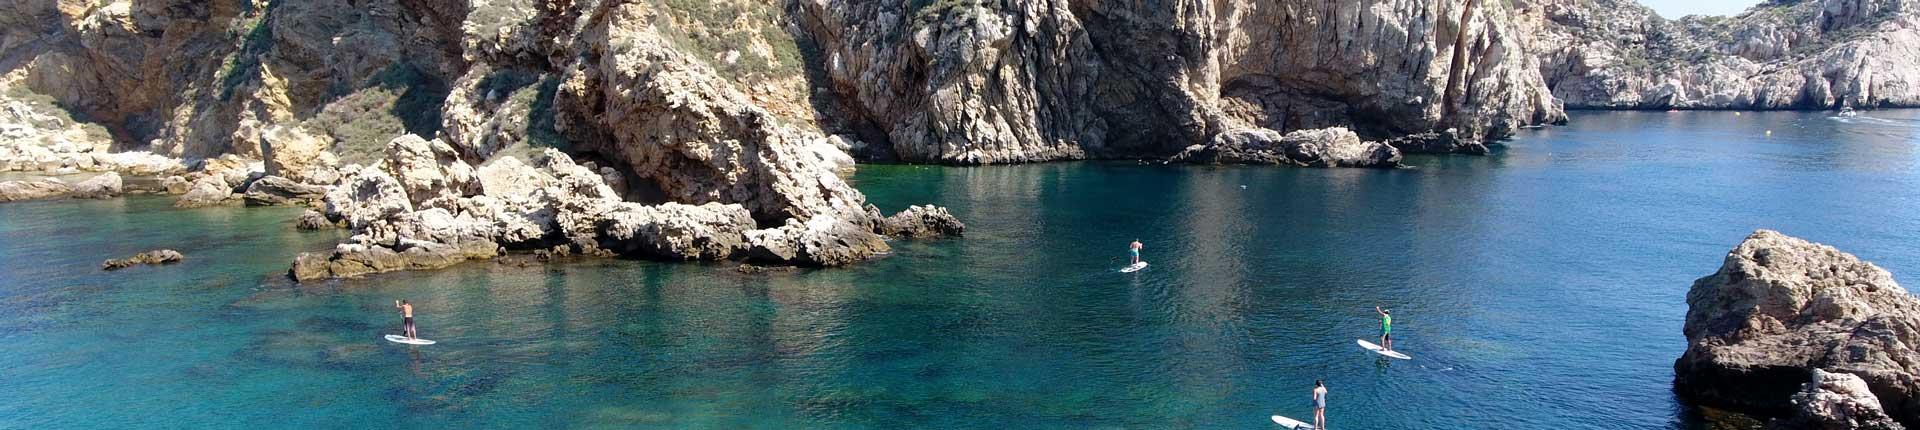 Imagen de Excursion Paddle Illes Medes